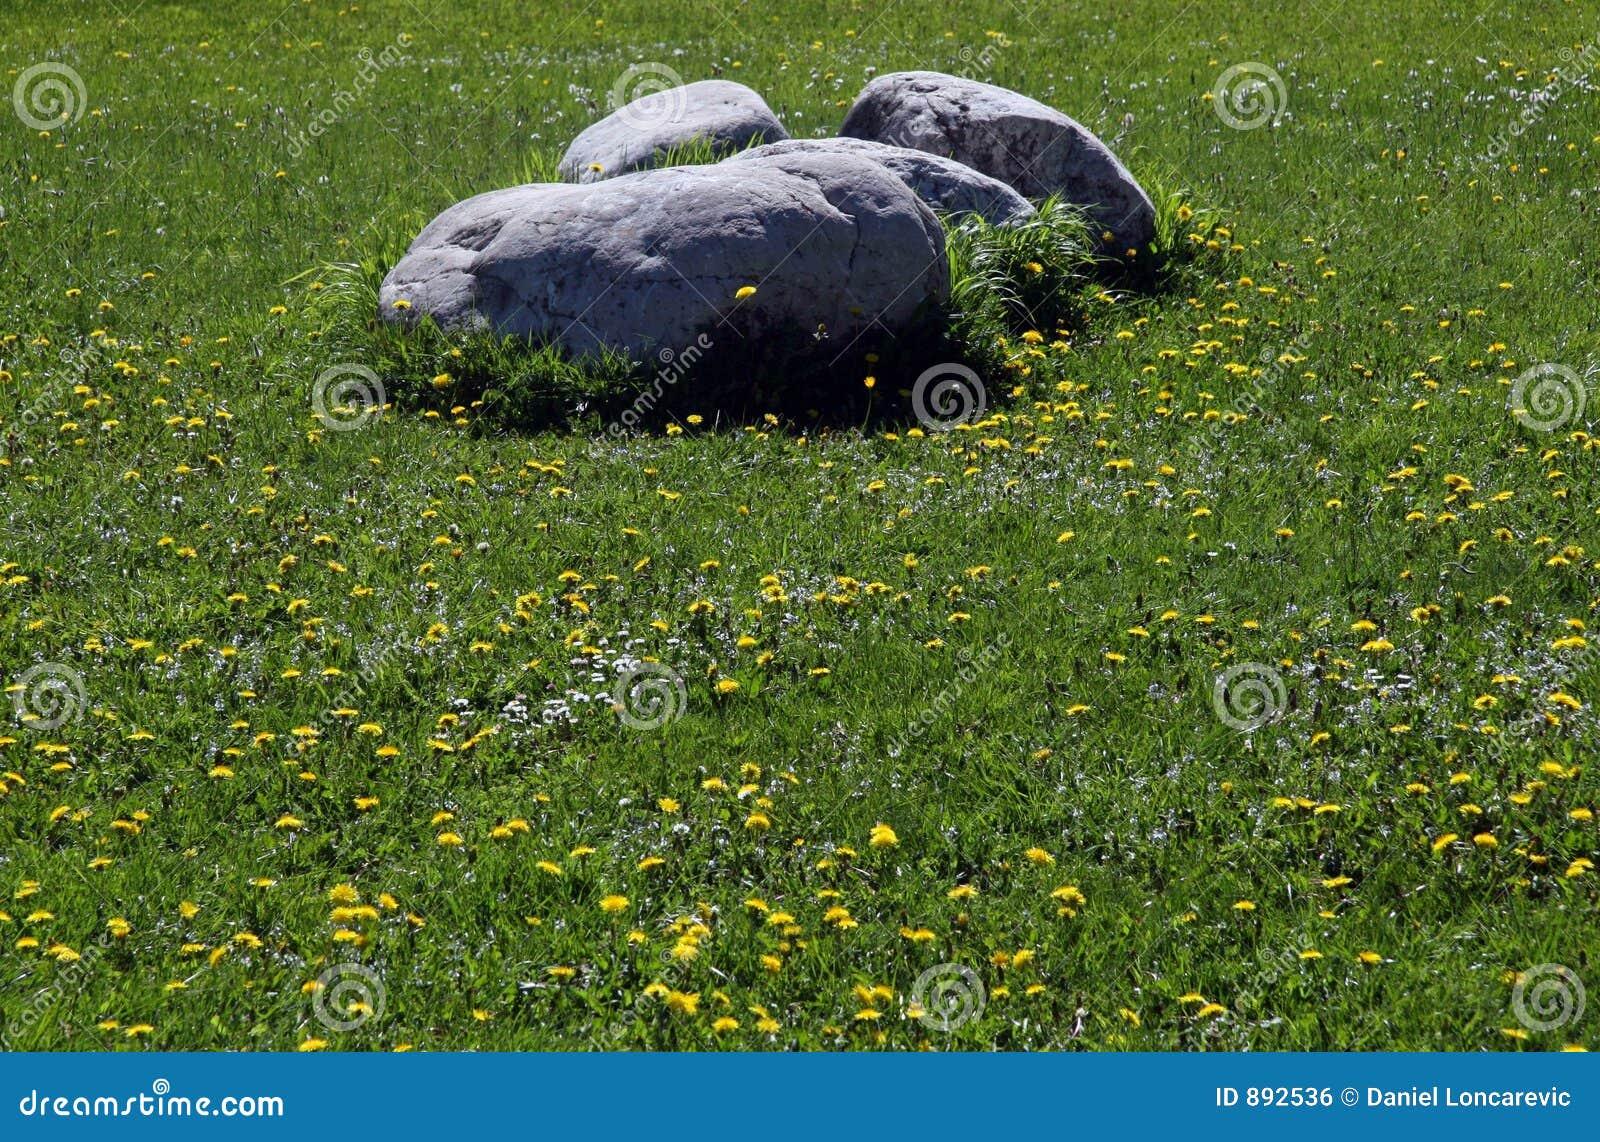 Kamienie w warunkach polowych